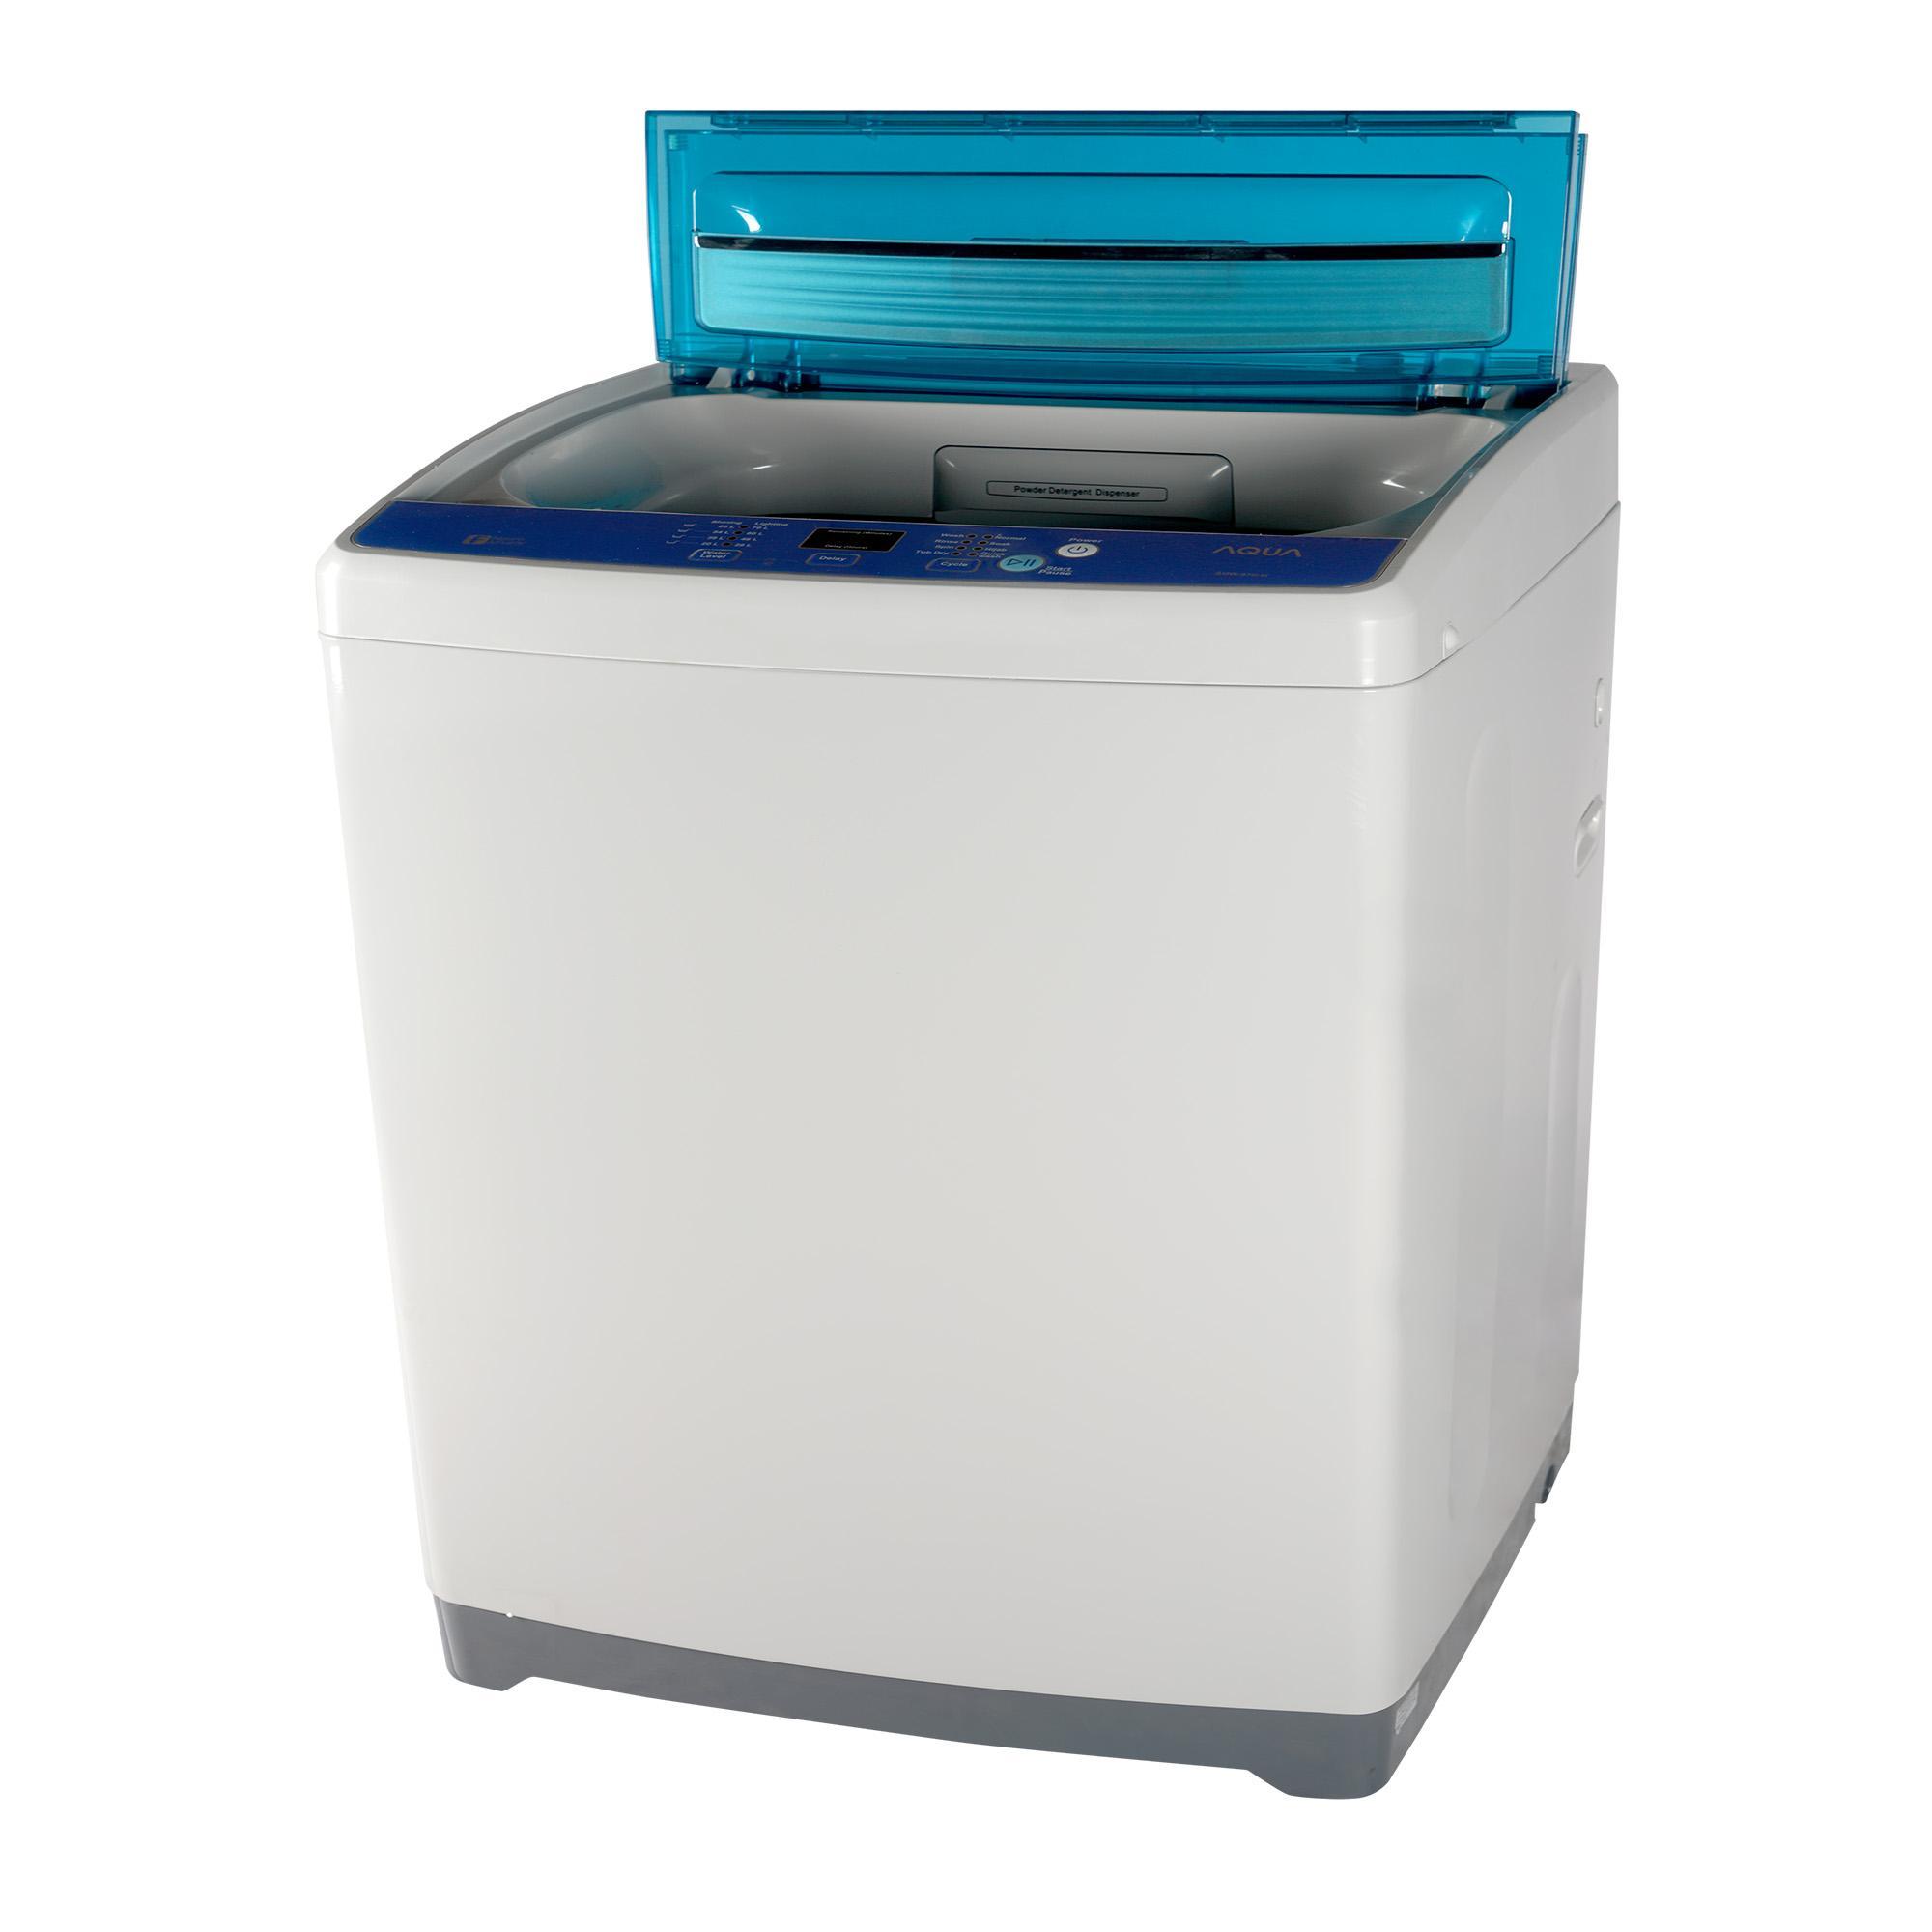 Aqua AQW-77D-H Mesin Cuci 1 Tabung 7 Kg - Biru - Khusus